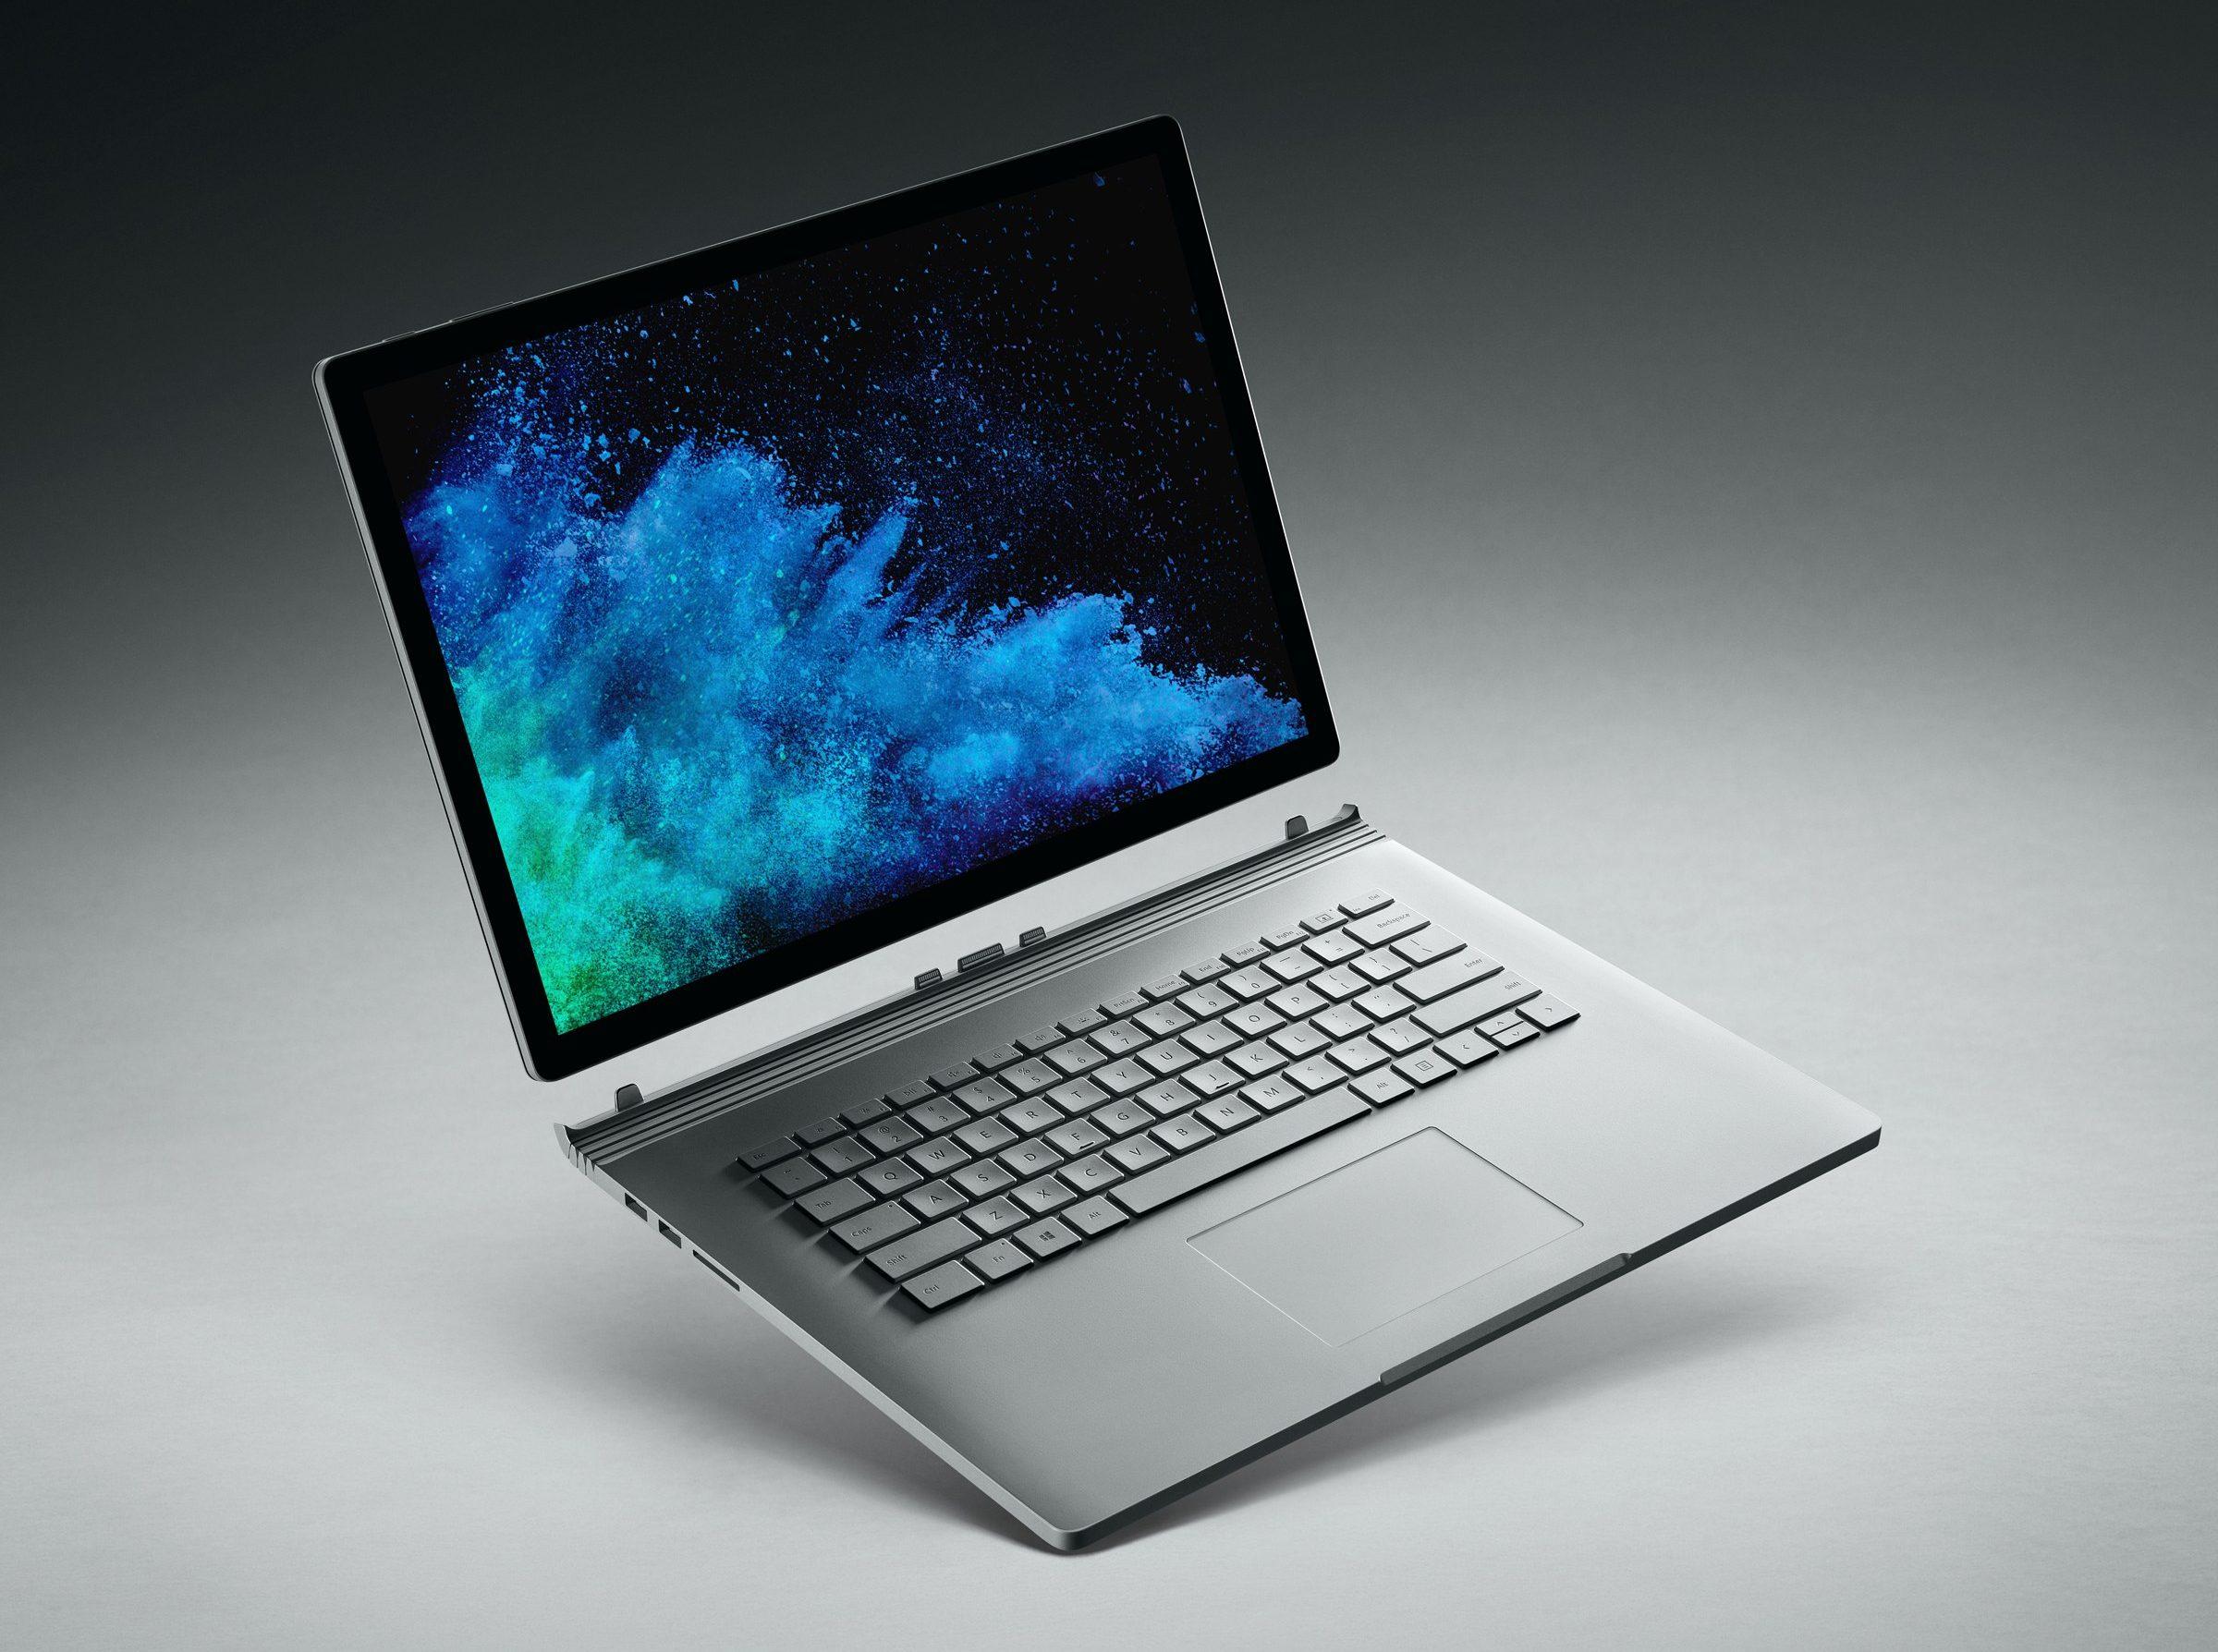 Мероприятие Microsoft Surface будет транслироваться в прямом эфире 2 октября; Панос Панай и Сатья Наделла, чтобы принять мероприятие